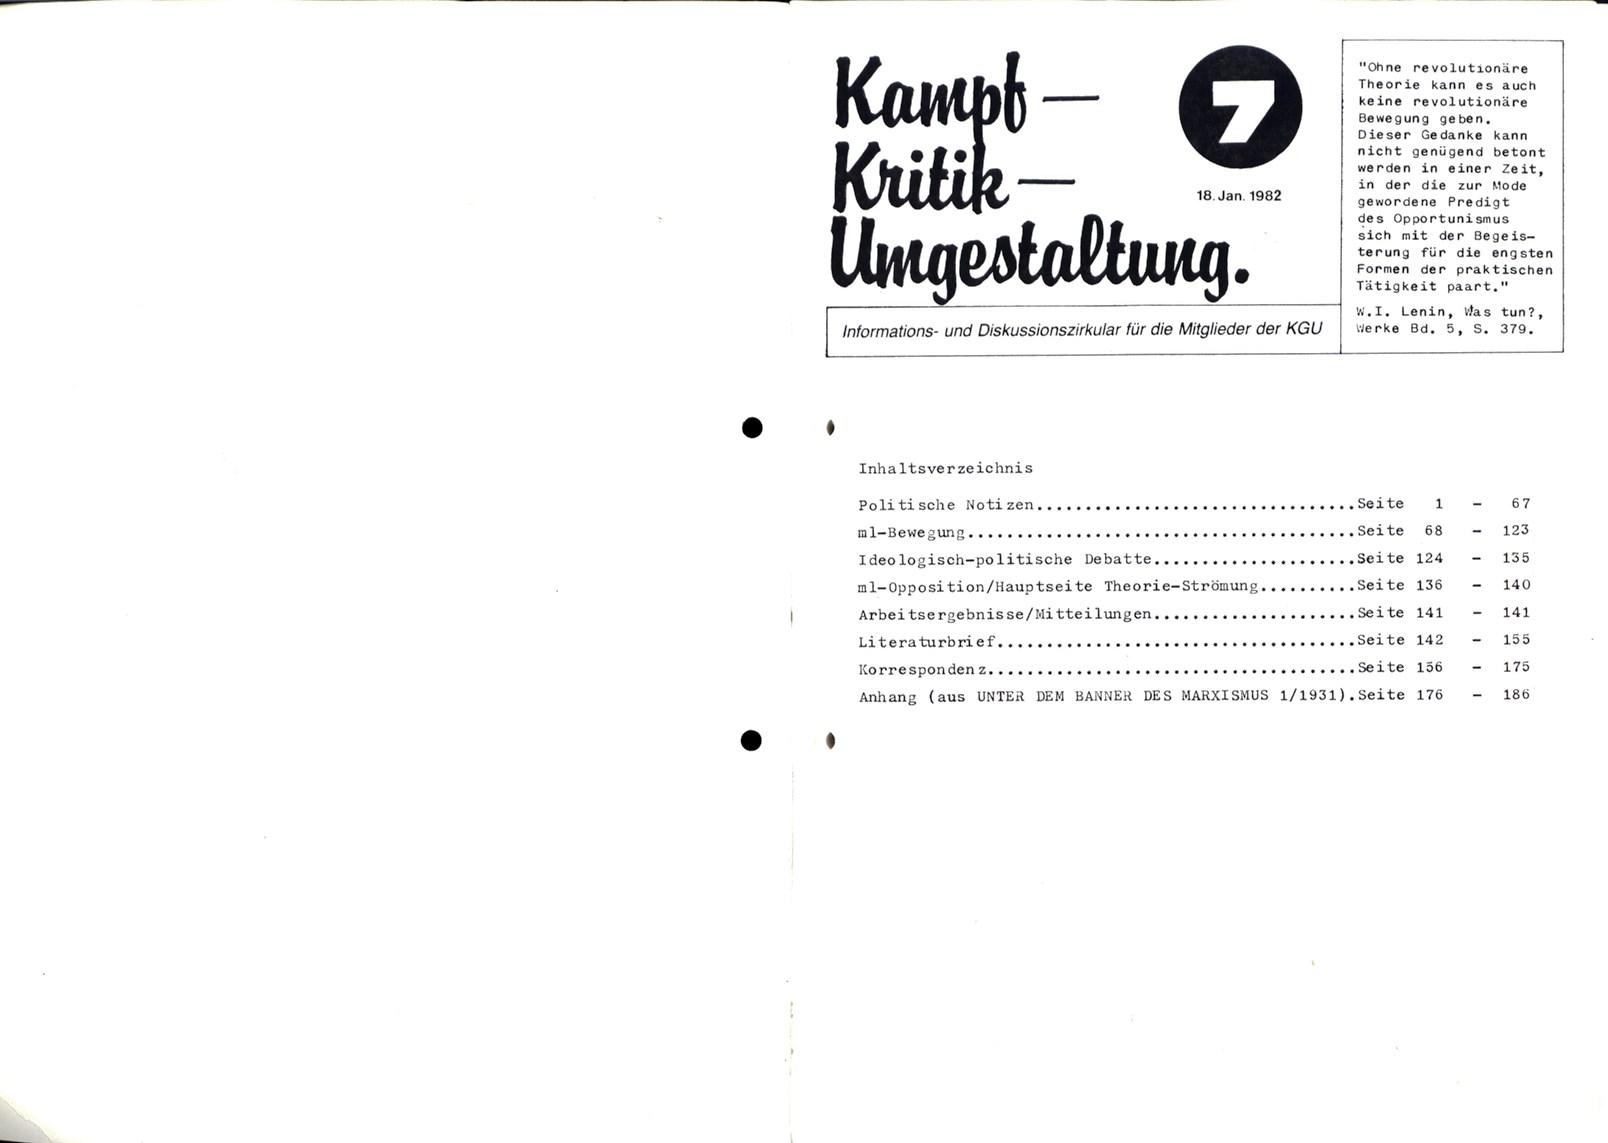 Ulm_KKU_19820118_007_001